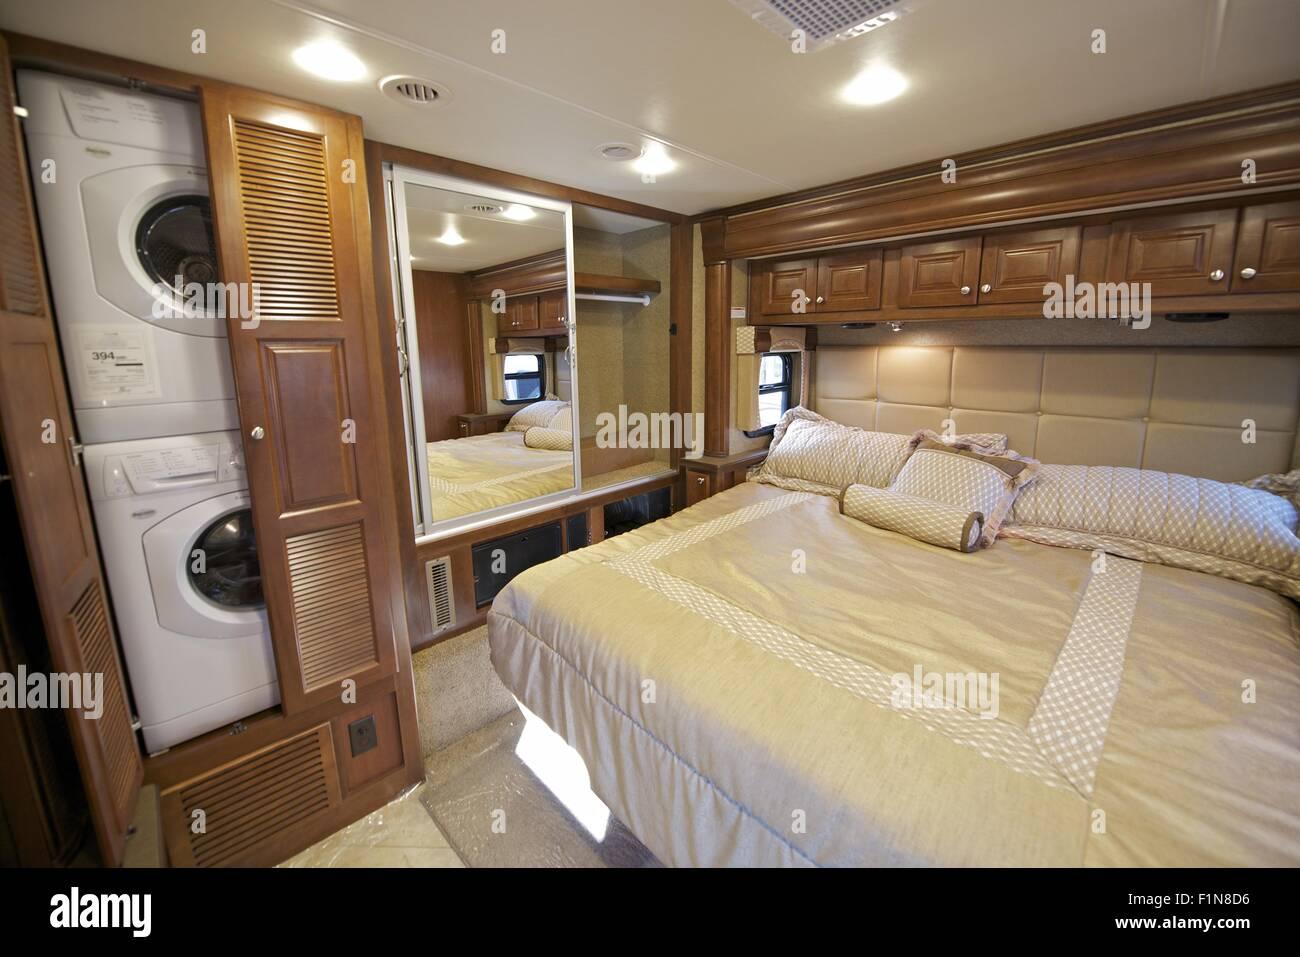 fahrzeuginnenraum schlafzimmer erholung mit waschmaschine und trockner im schrank luxus. Black Bedroom Furniture Sets. Home Design Ideas